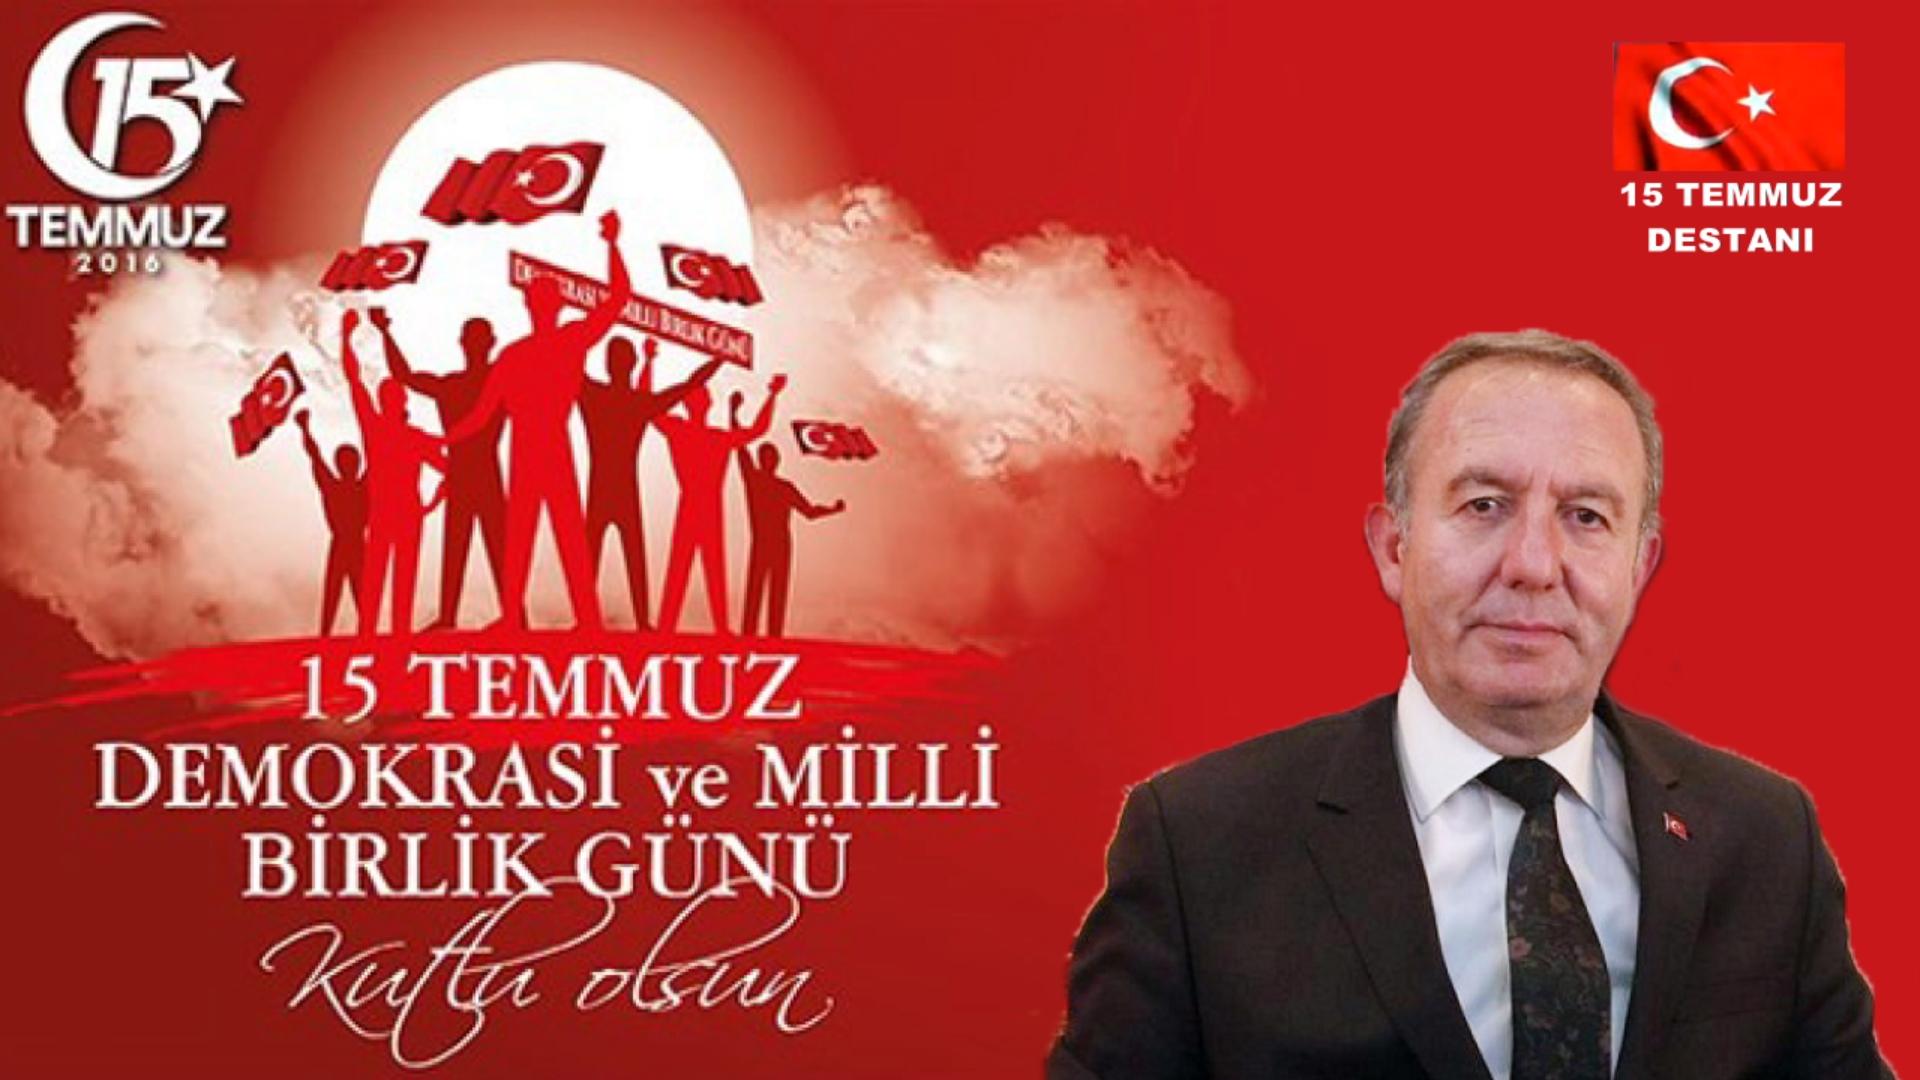 15 Temmuz Demokrasi ve Milli Birlik Gününüz Kutlu Olsun – Abdulkadir Şahiner Sungurlu Belediye Başkanı